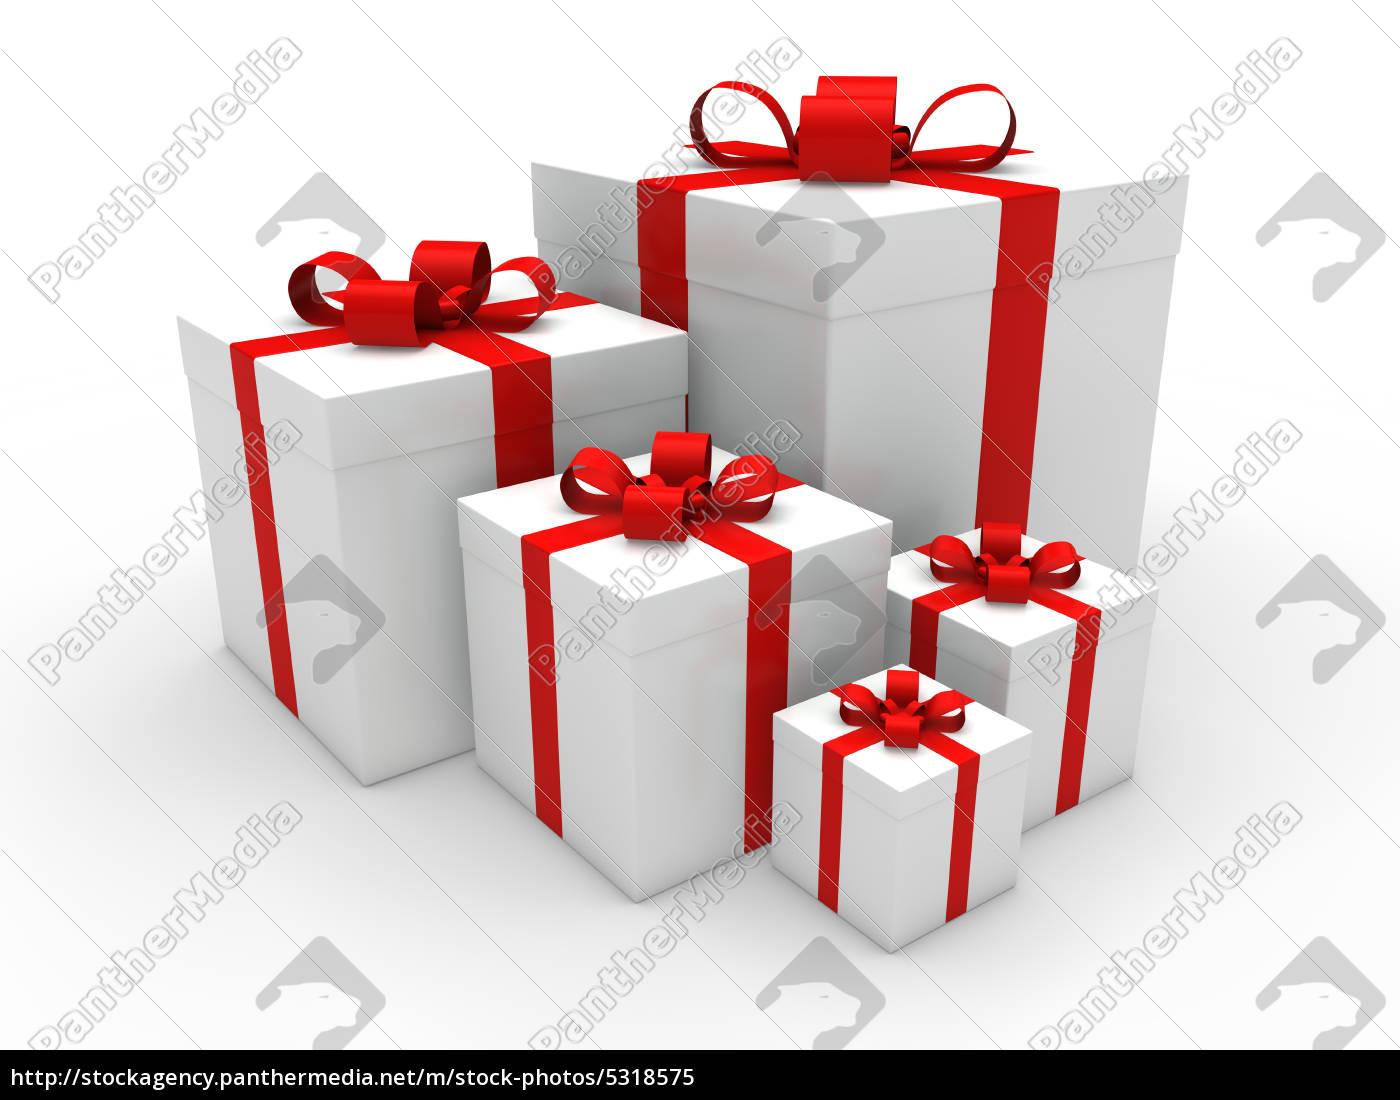 Geschenkbox Weihnachten.Lizenzfreies Bild 5318575 3 Rote Geschenkbox Weihnachten